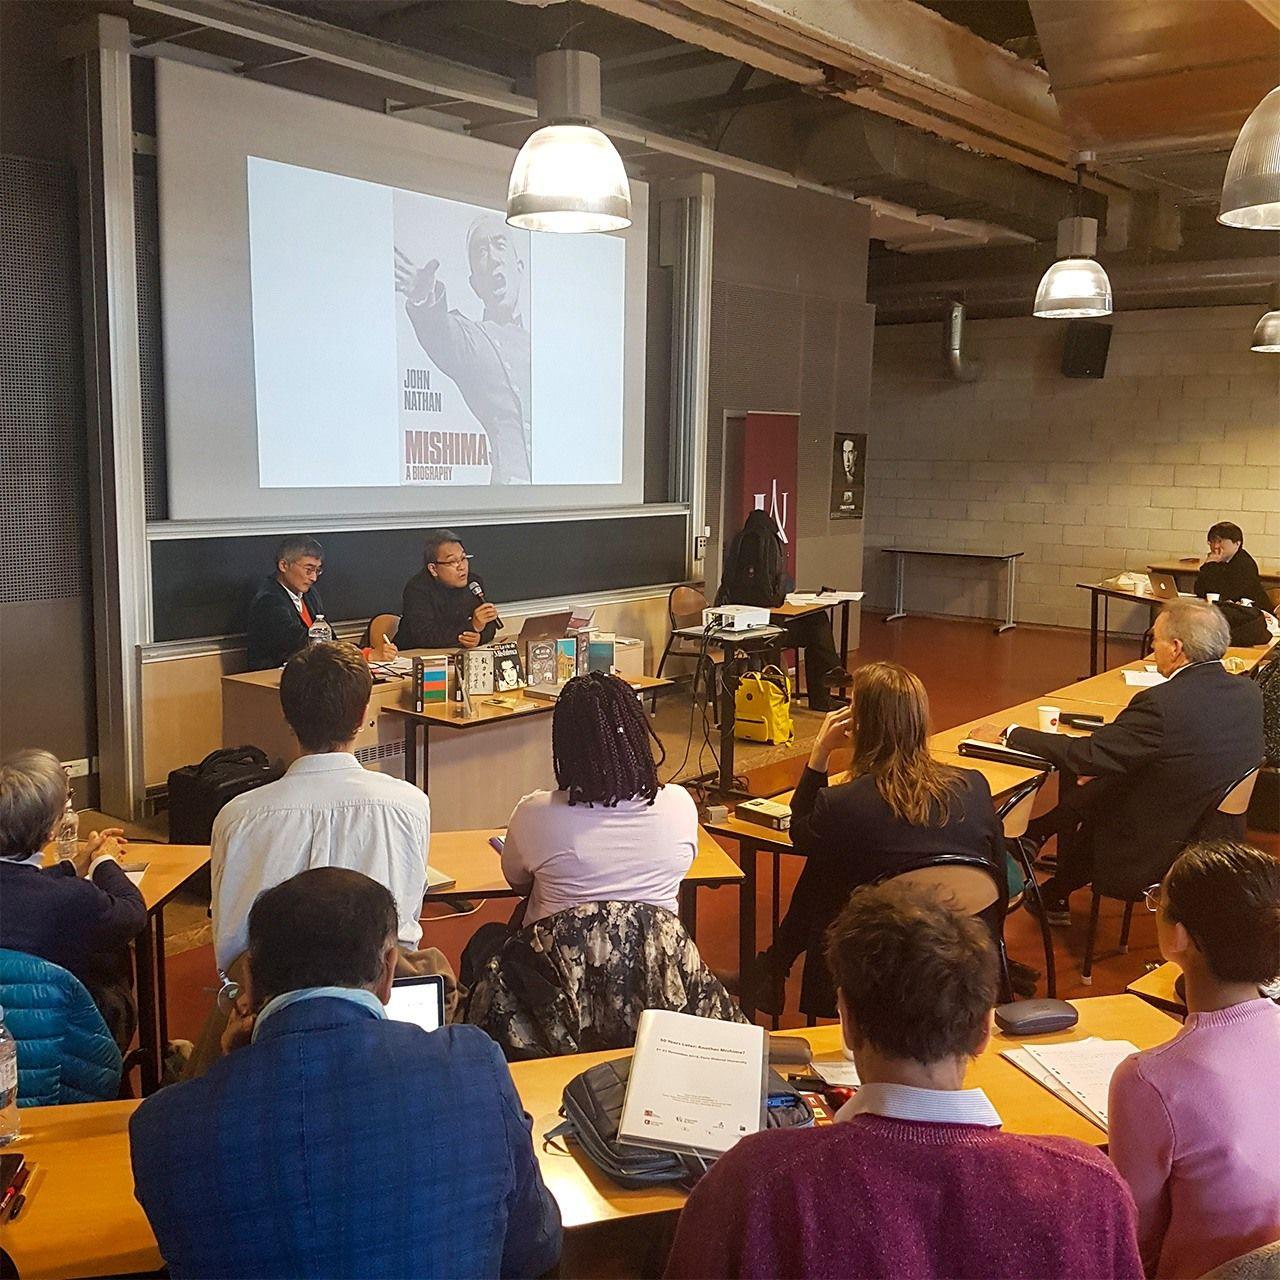 Трехдневный международный симпозиум о Мисиме Юкио в университете Париж Дидро, 21.11.2019 г. (©Джереми Марселлин)